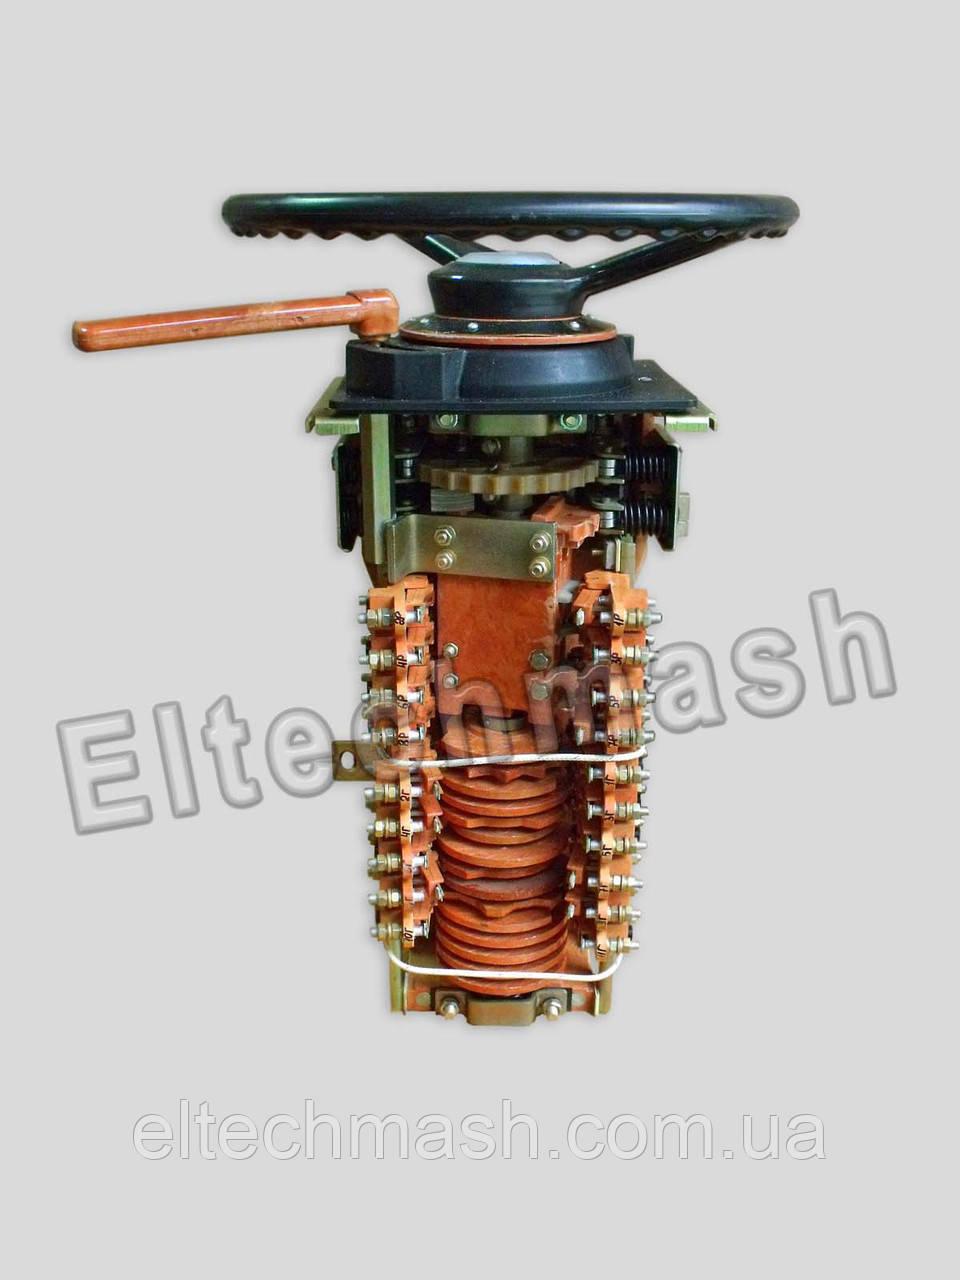 КМ-2009 У3, Контролер машиніста (ИАКВ.643122.004-24)